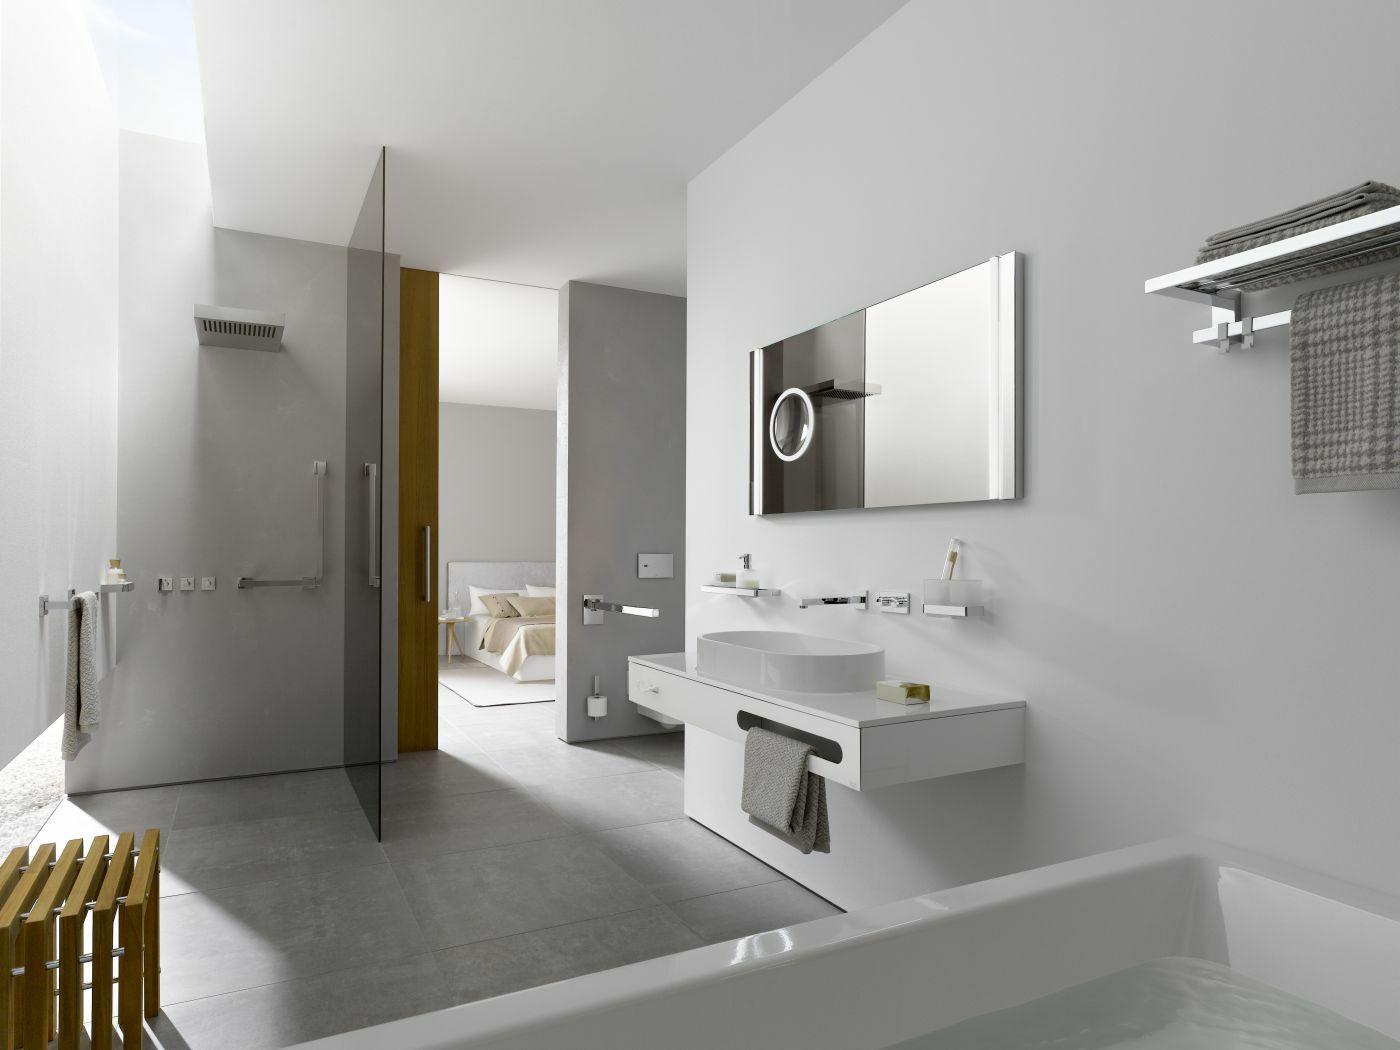 EMCO fürdőszobai kiegészítő a Palatinus Fürdőszobaszalonokban